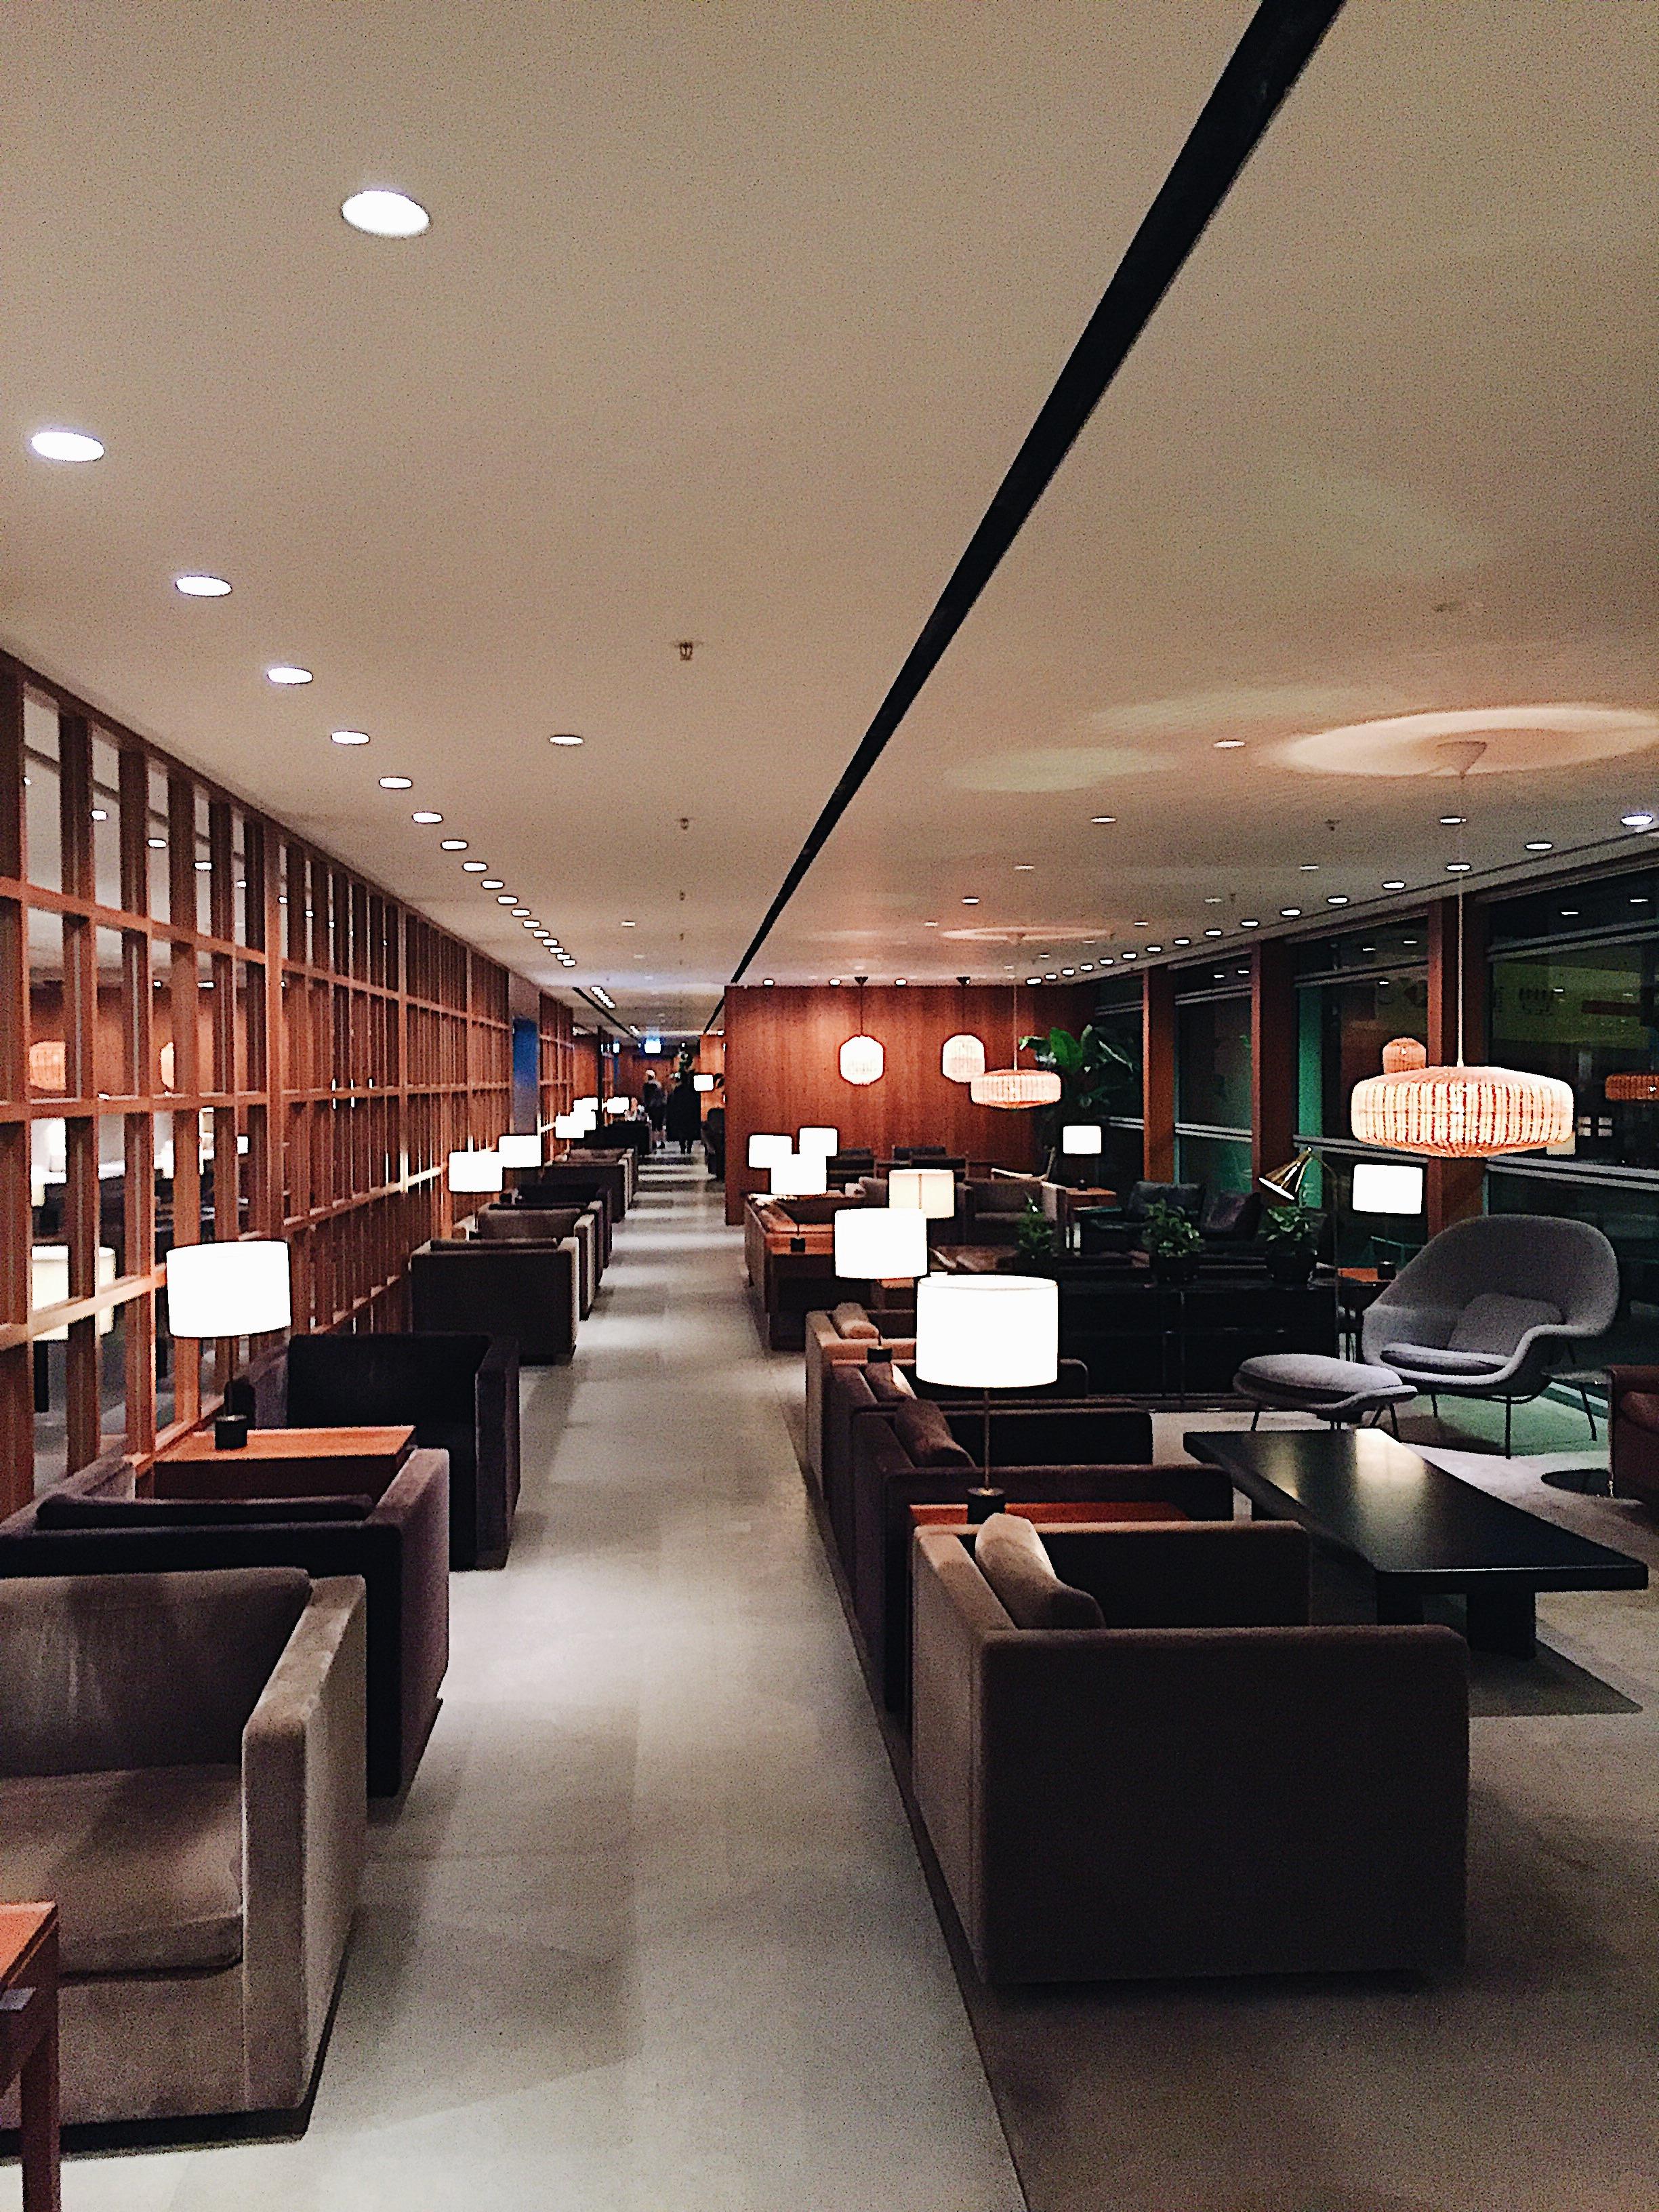 Cathay Pacific Lounge Hong Kong Review